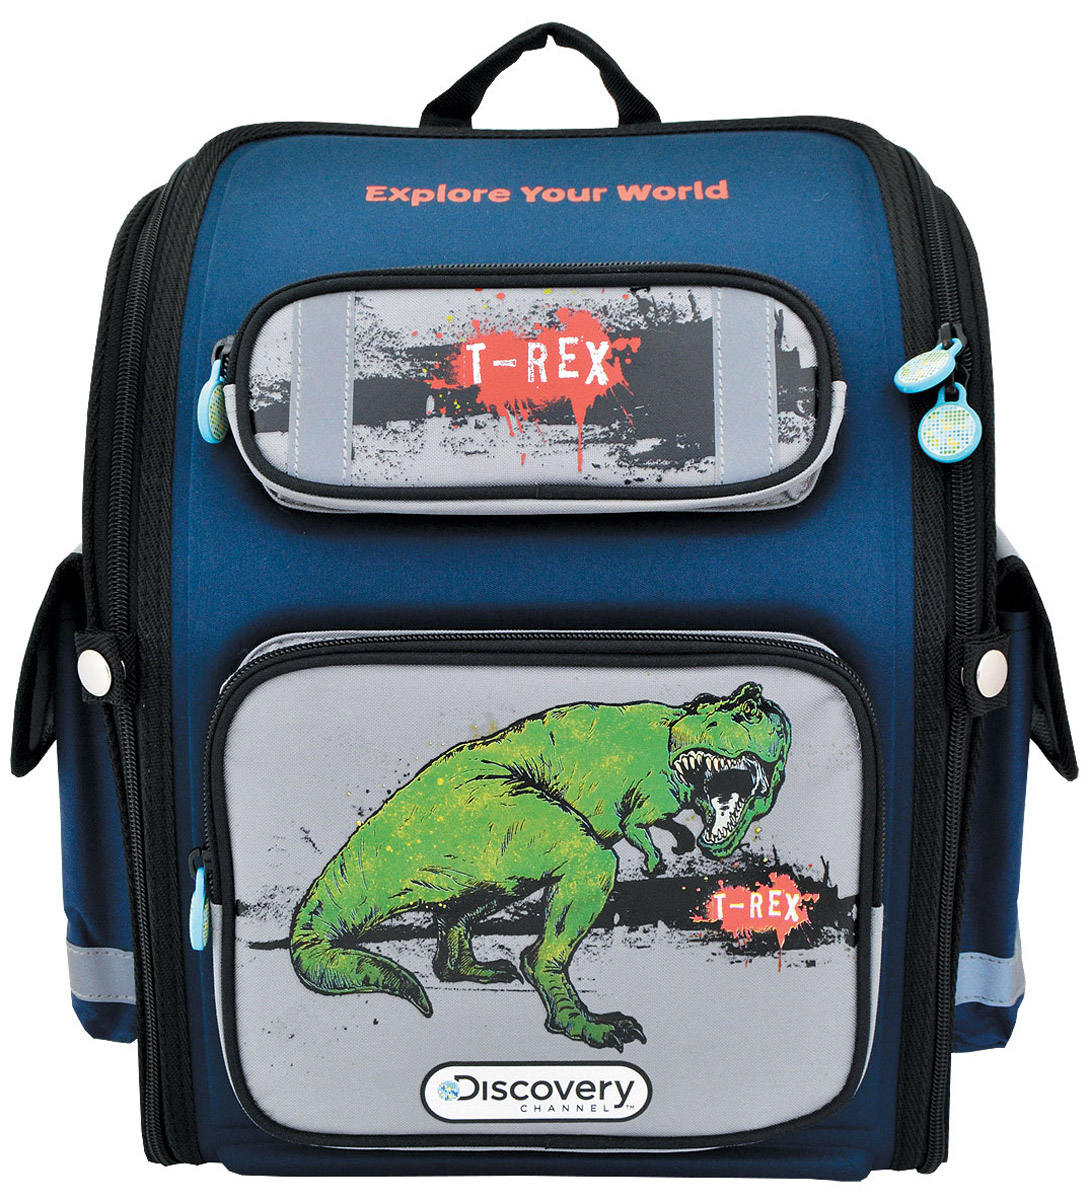 Action! Ранец школьный Discovery T-Rex цвет синийDV-ASB2000/3Лицензионный дизайн Discovery. Возможность плоской раскладки позволяет удобно и экономично транспортировать данную модель. Вес ранца около 700 гр. Рассчитан на объем до 14 л. Жесткая рельефная спинка с продольной анатомической формой. Рельефная спинка создает дополнительный массажный эффект для спины, что позволяет чувствовать себя более удобно и комфортно. Задние эластичные регулируемые ремни позволяют правильно распределить рюкзак на спине. Имеются светоотражающие полоски безопасности. Одно основное отделение с дополнительными внутренними отделениями. Имеется расписание уроков. 4 кармана: два боковых : на липучке и с сеточкой, два передних . Карманы имеют светоотражающие полоски безопасности. Светоотражающие полоски безопасности на верхнем кармане. Ограничители степени раскрытия молнии. Прижимной ремень на талию. На молниях имеются декоративные лицензионные элементы. Внизу ножки для дополнительной устйчивости. Ручка тканевая плотная. Имеется расписание уроков.